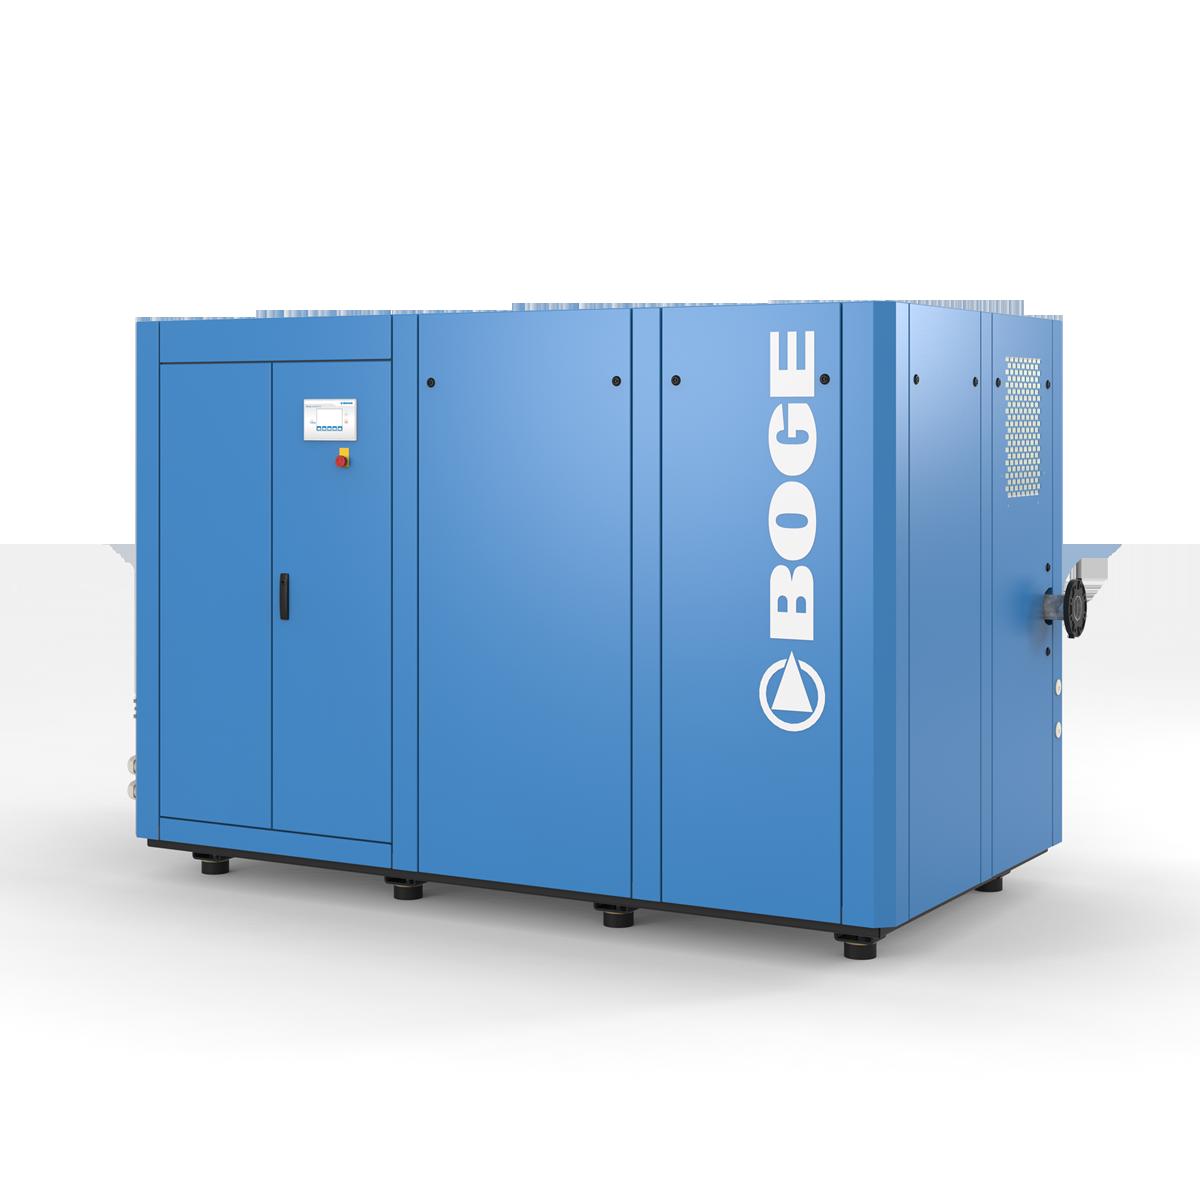 BOGE S111-4...S160-4 (110,0 kW...160,0 kW)